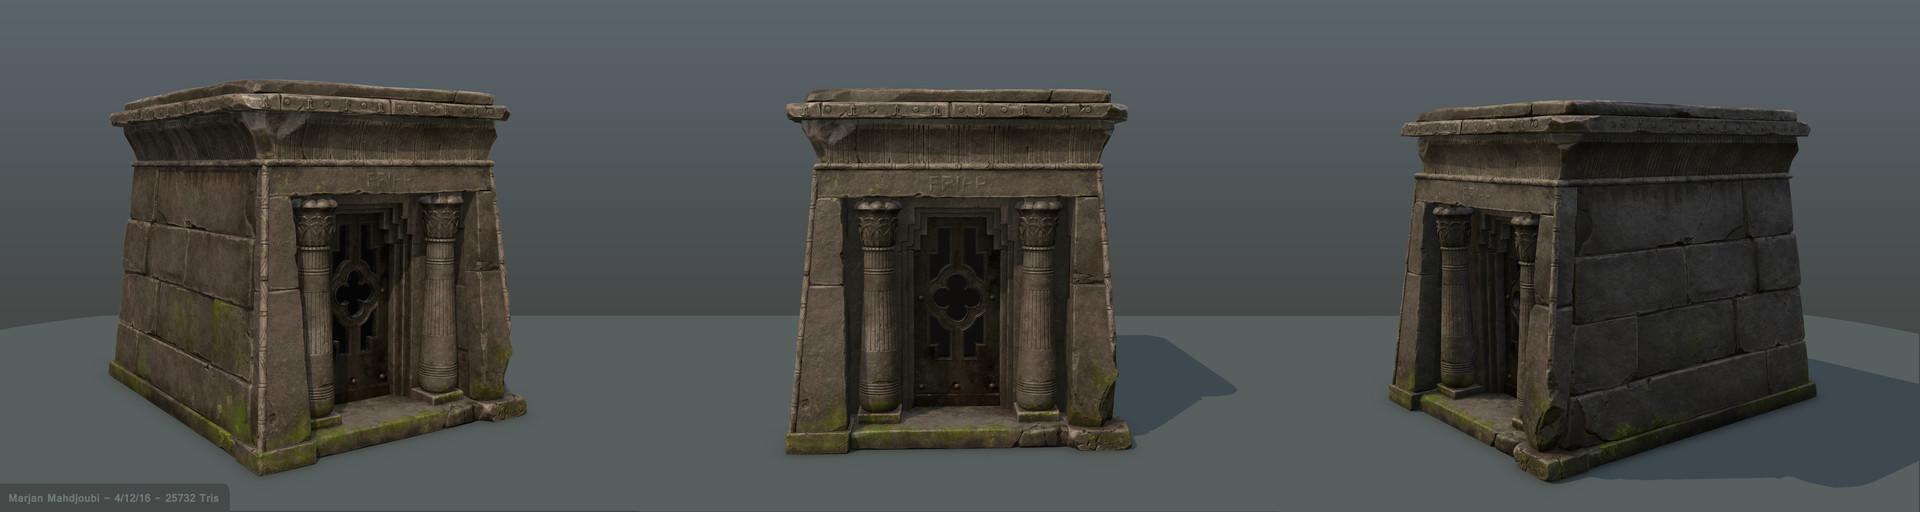 Mausoleum Art Test (2015)